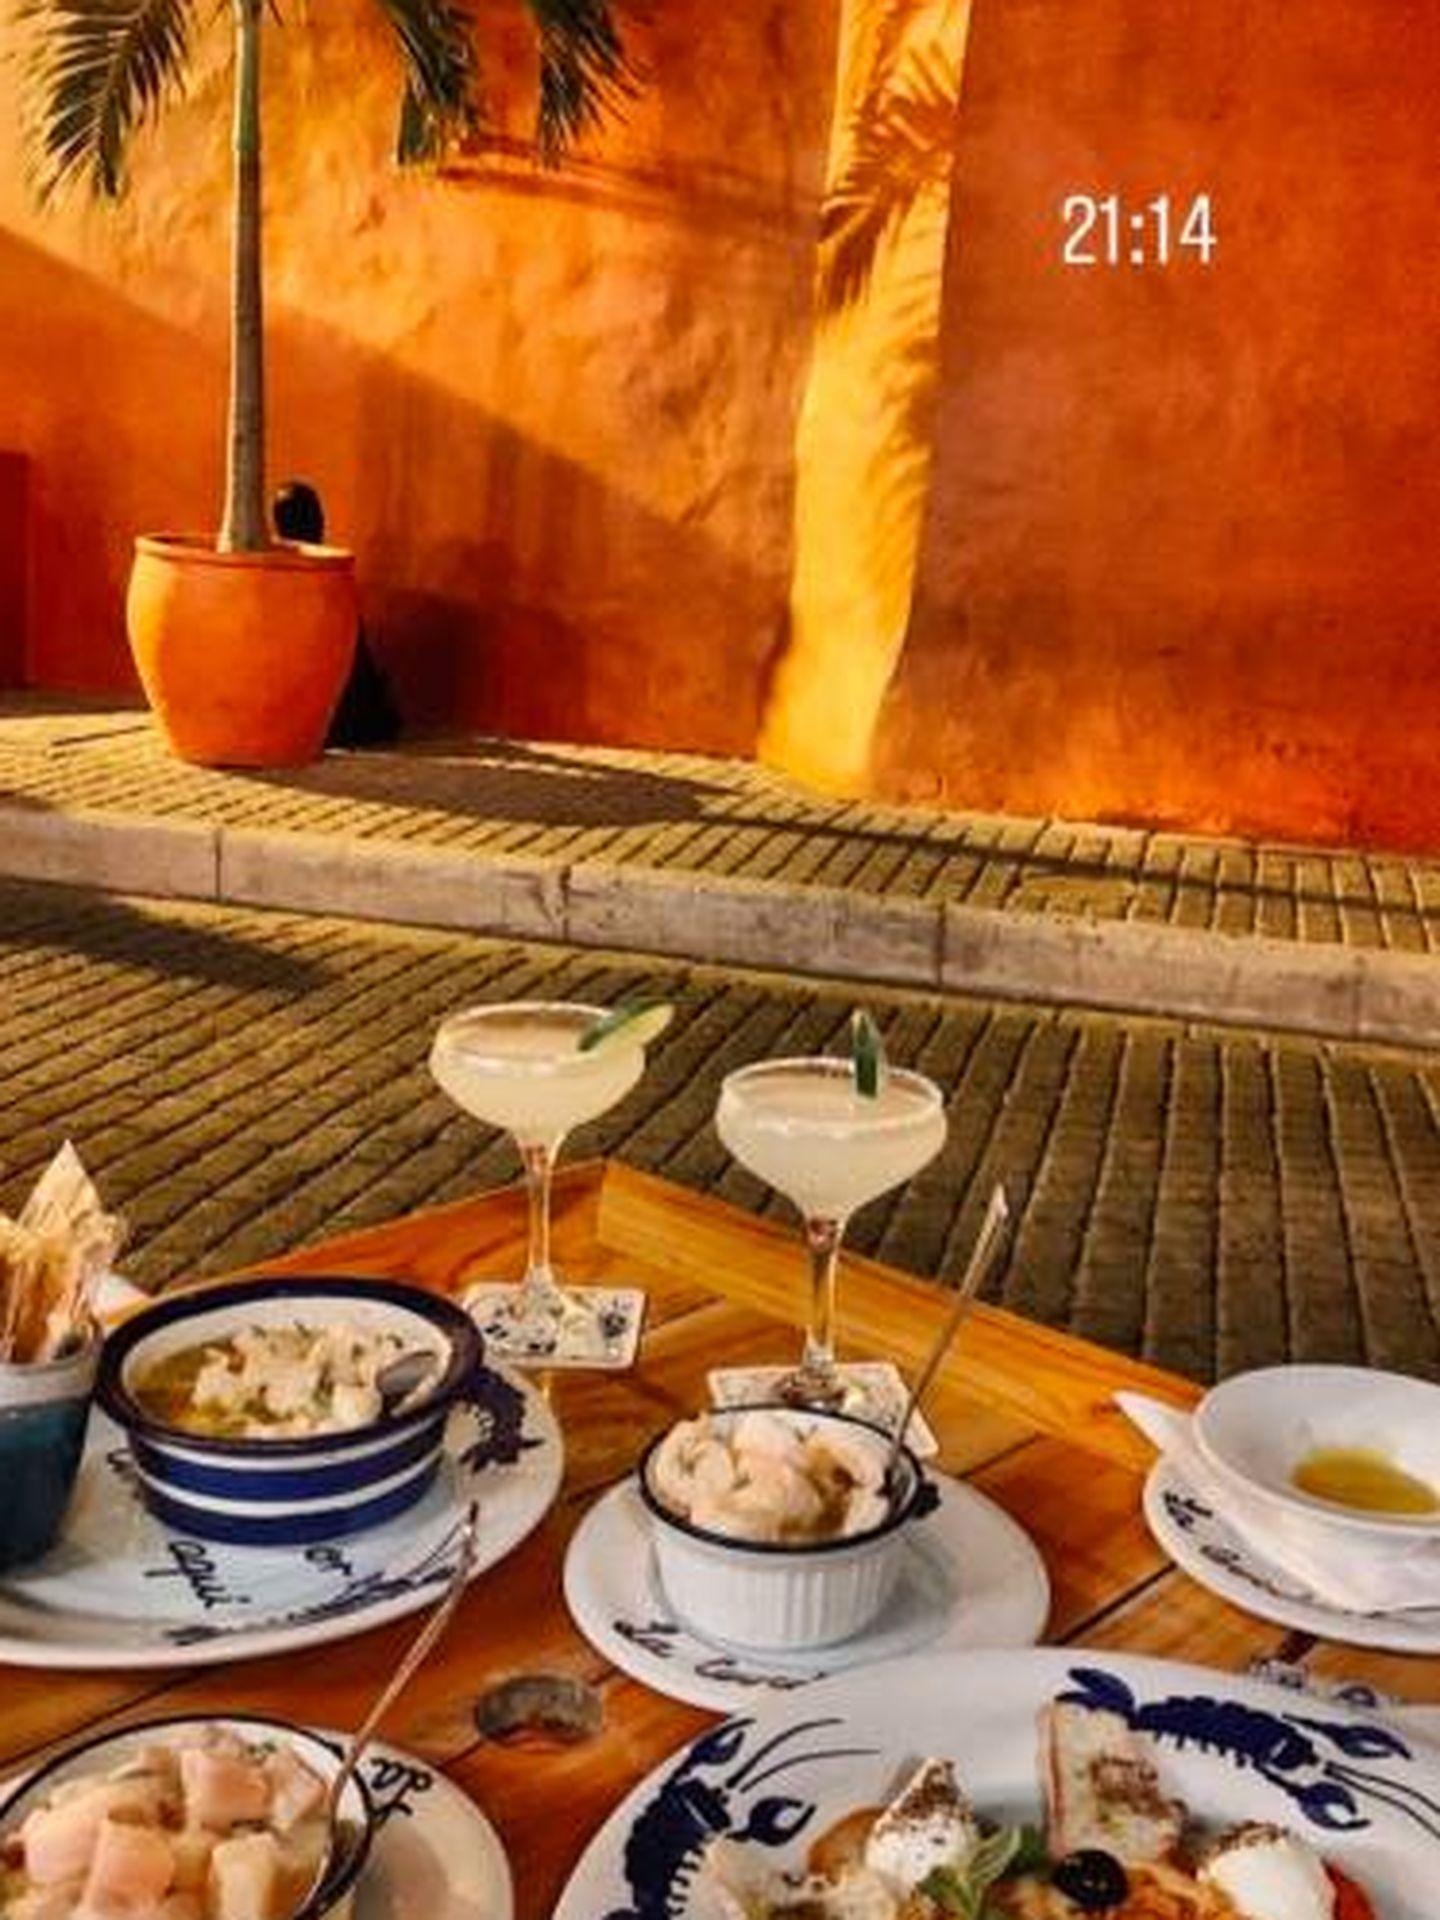 El matrimonio disfruta de deliciosas cenas en Juan del Mar Restaurante, donde han degustado platos como pulpo asado a la brasa sazonado con los secretos del chef montado sobre un hummus de aguacate.